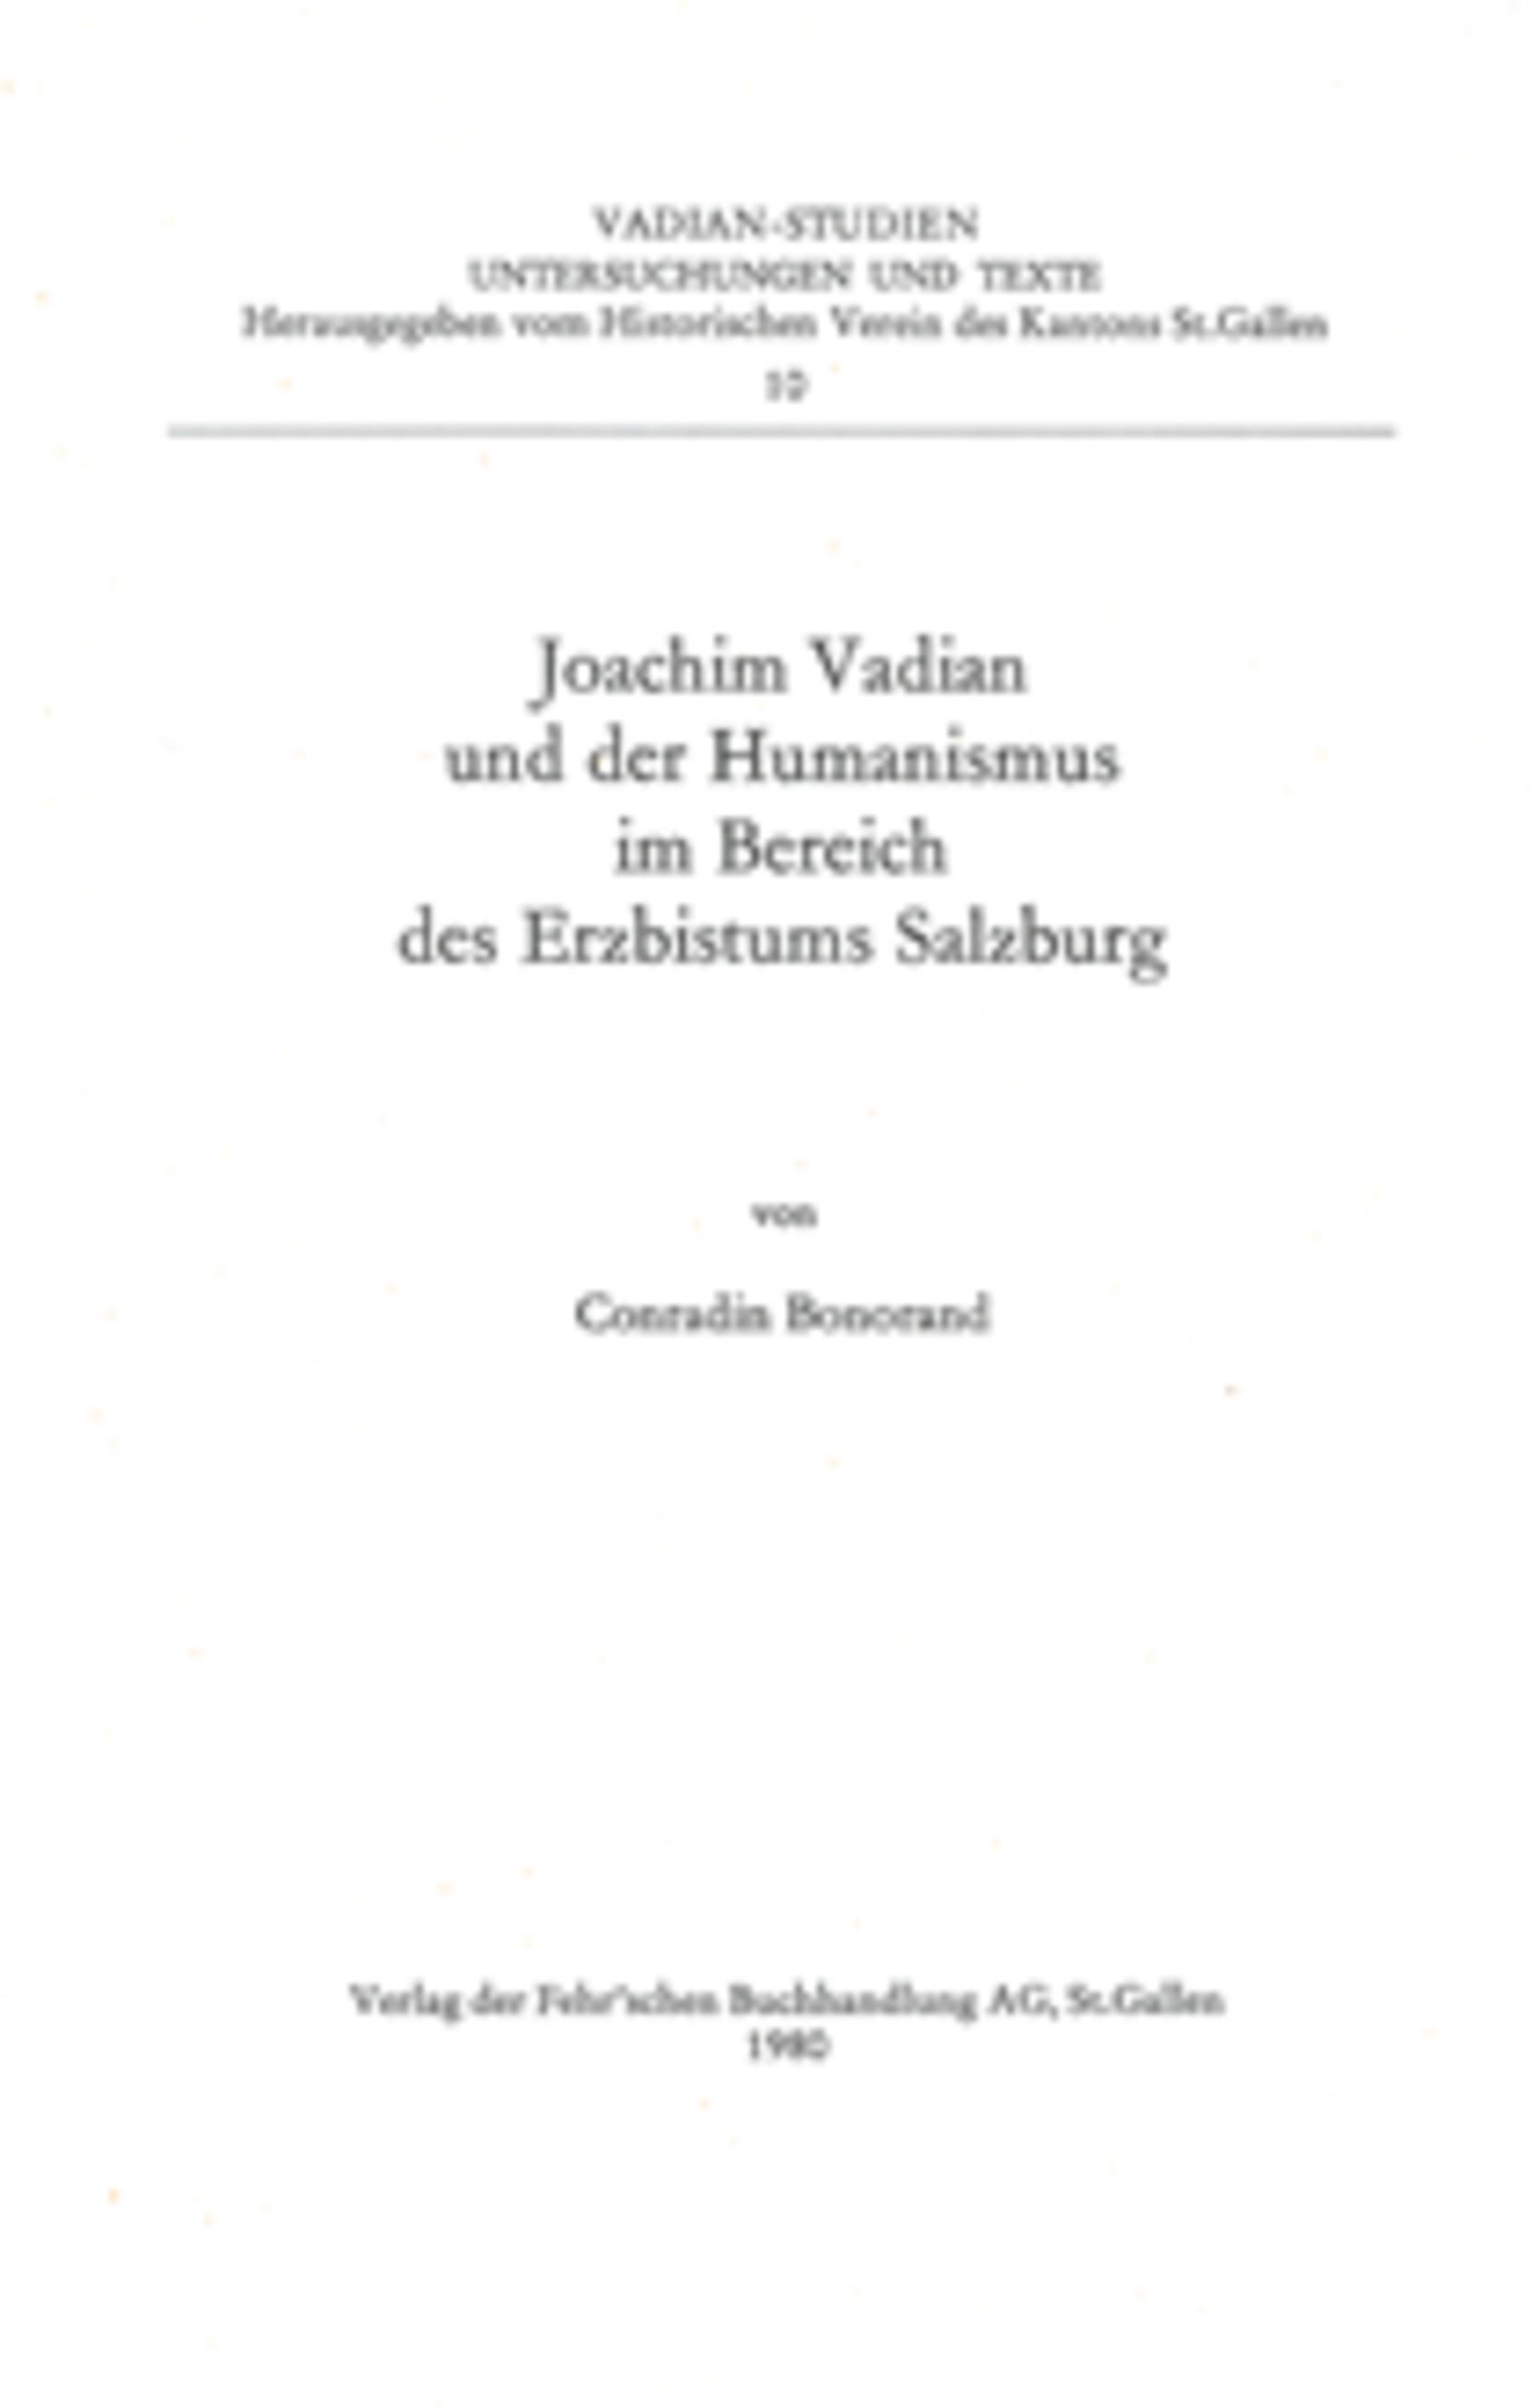 <p><p>im Bereich des Erzbistums Salzburg